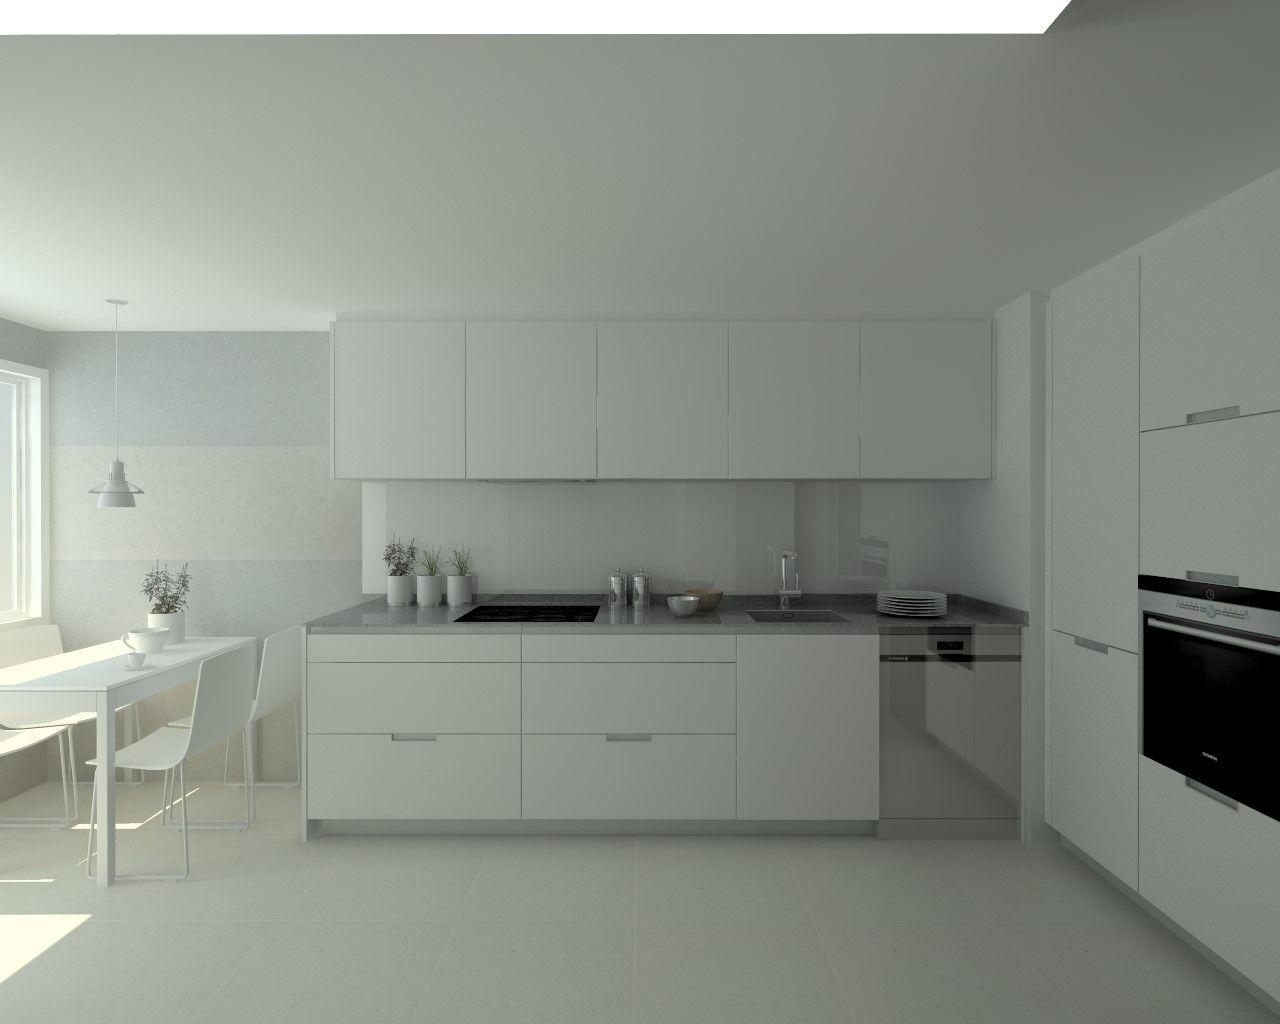 Modelo minos estratificado blanco perla encimera compac for Idea deco para cocina gris